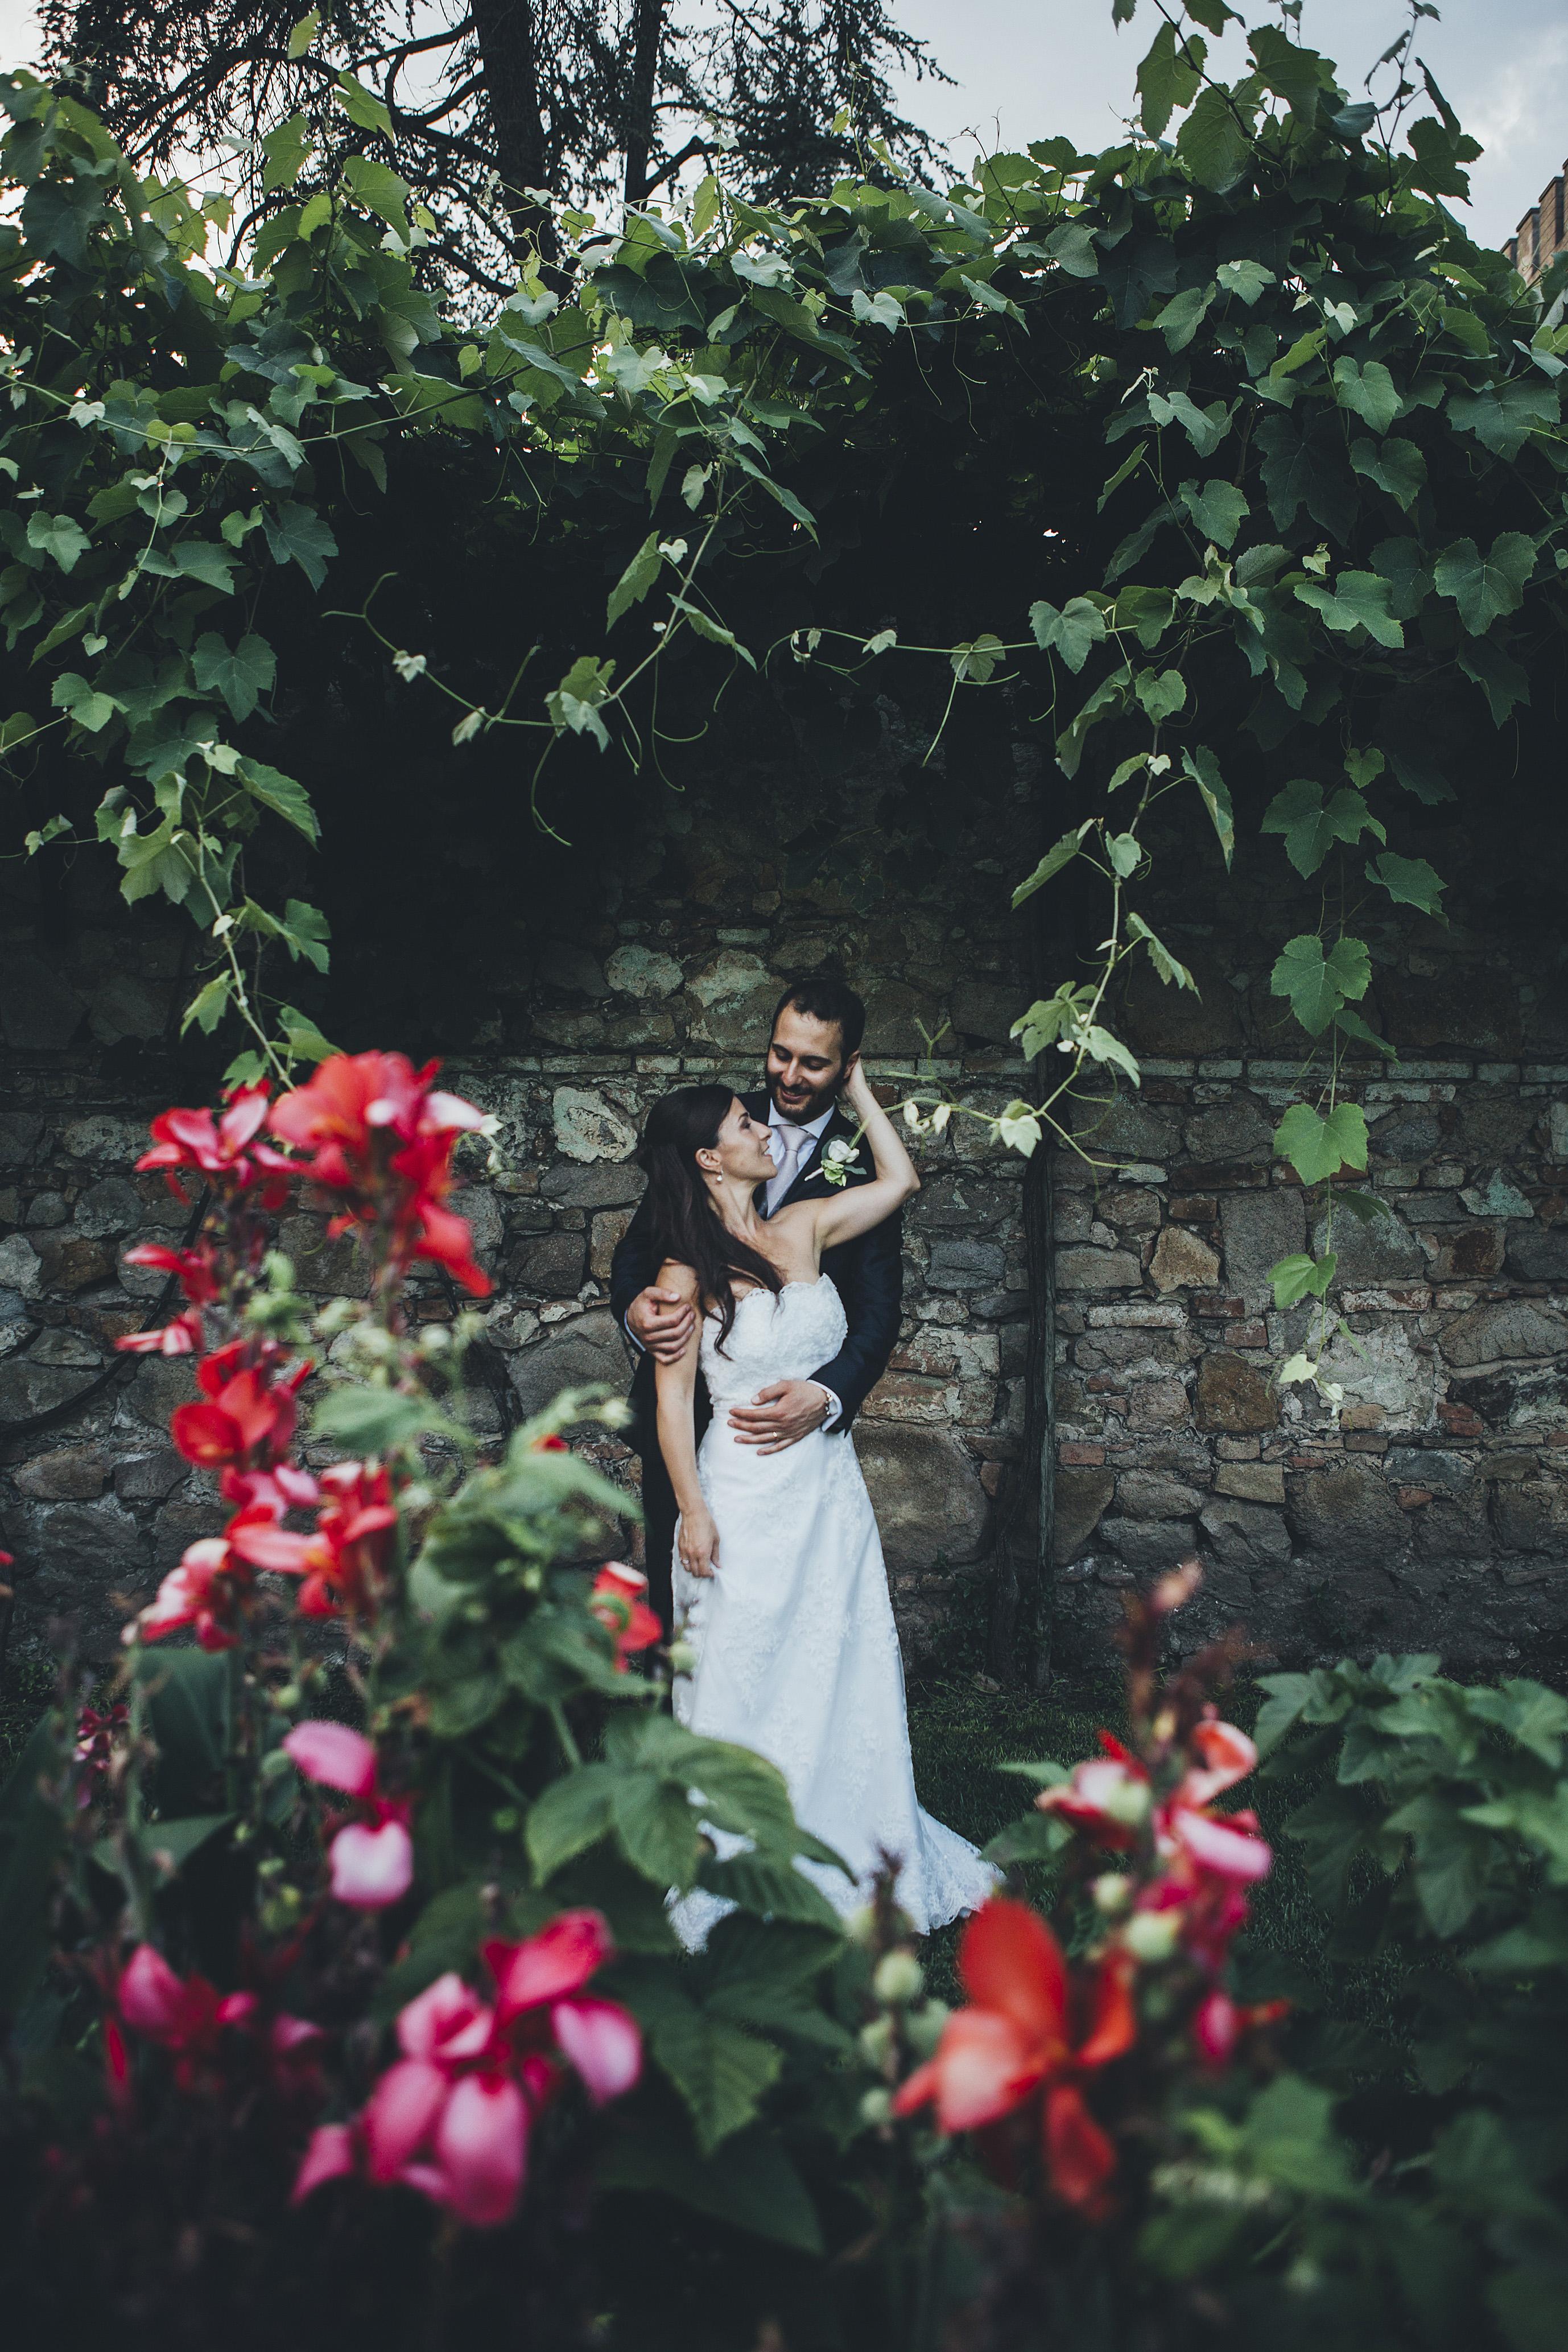 DANIELAeALBERTO-flowers wedding in italy